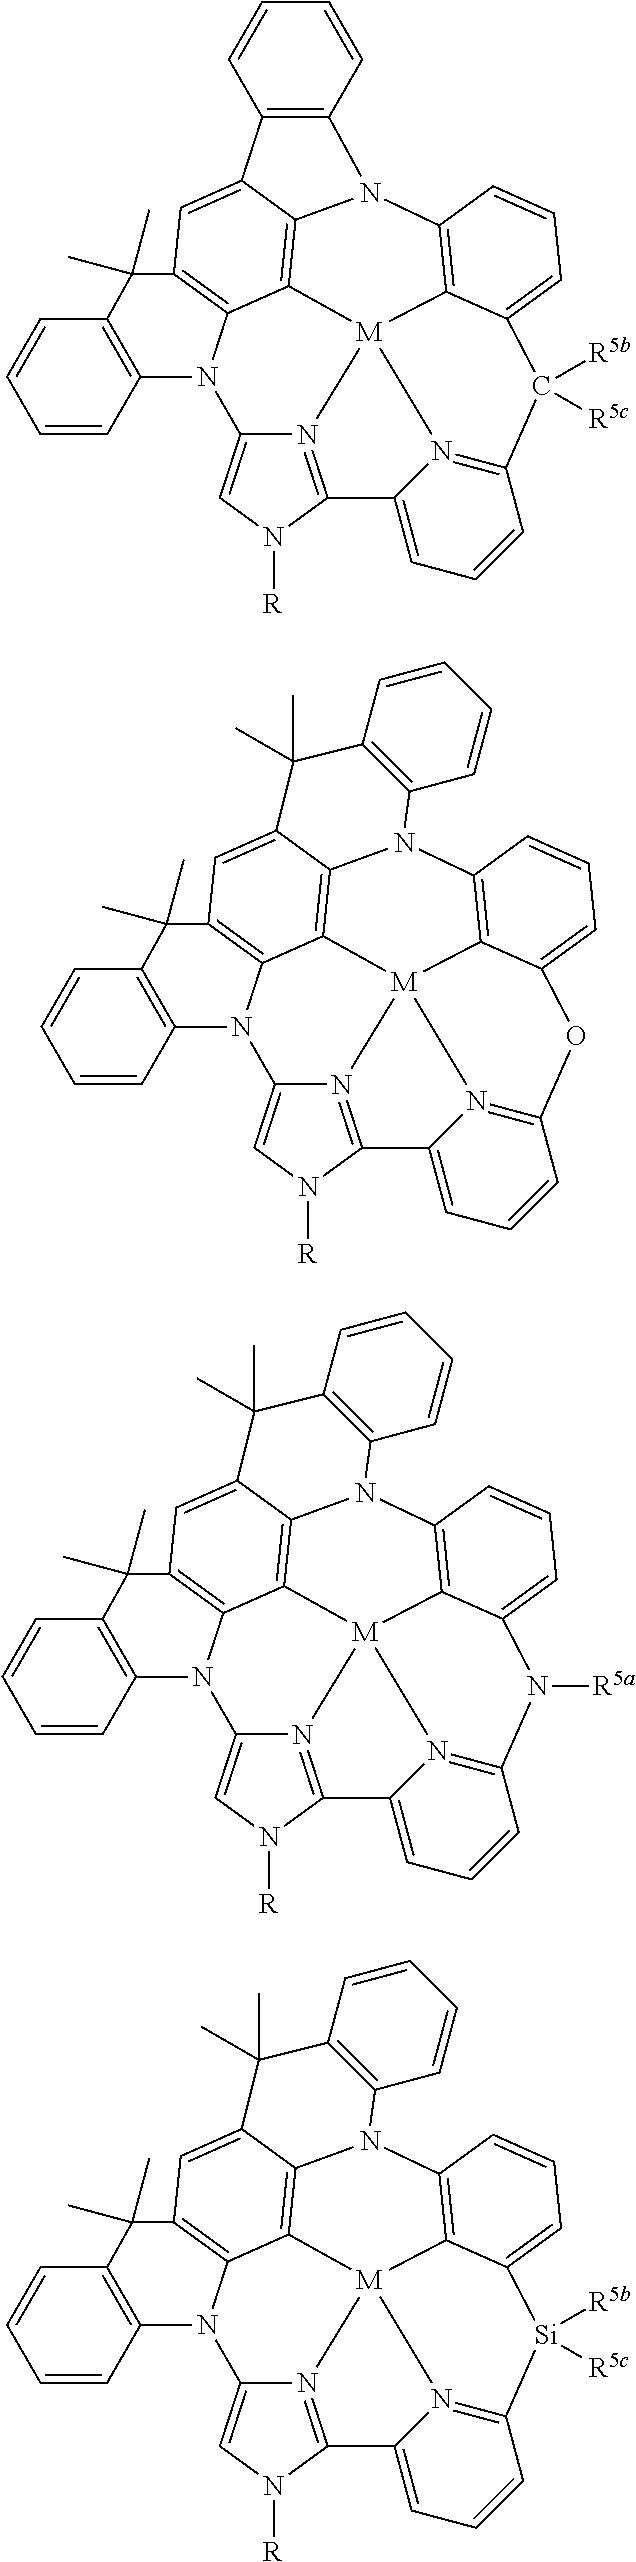 Figure US10158091-20181218-C00304